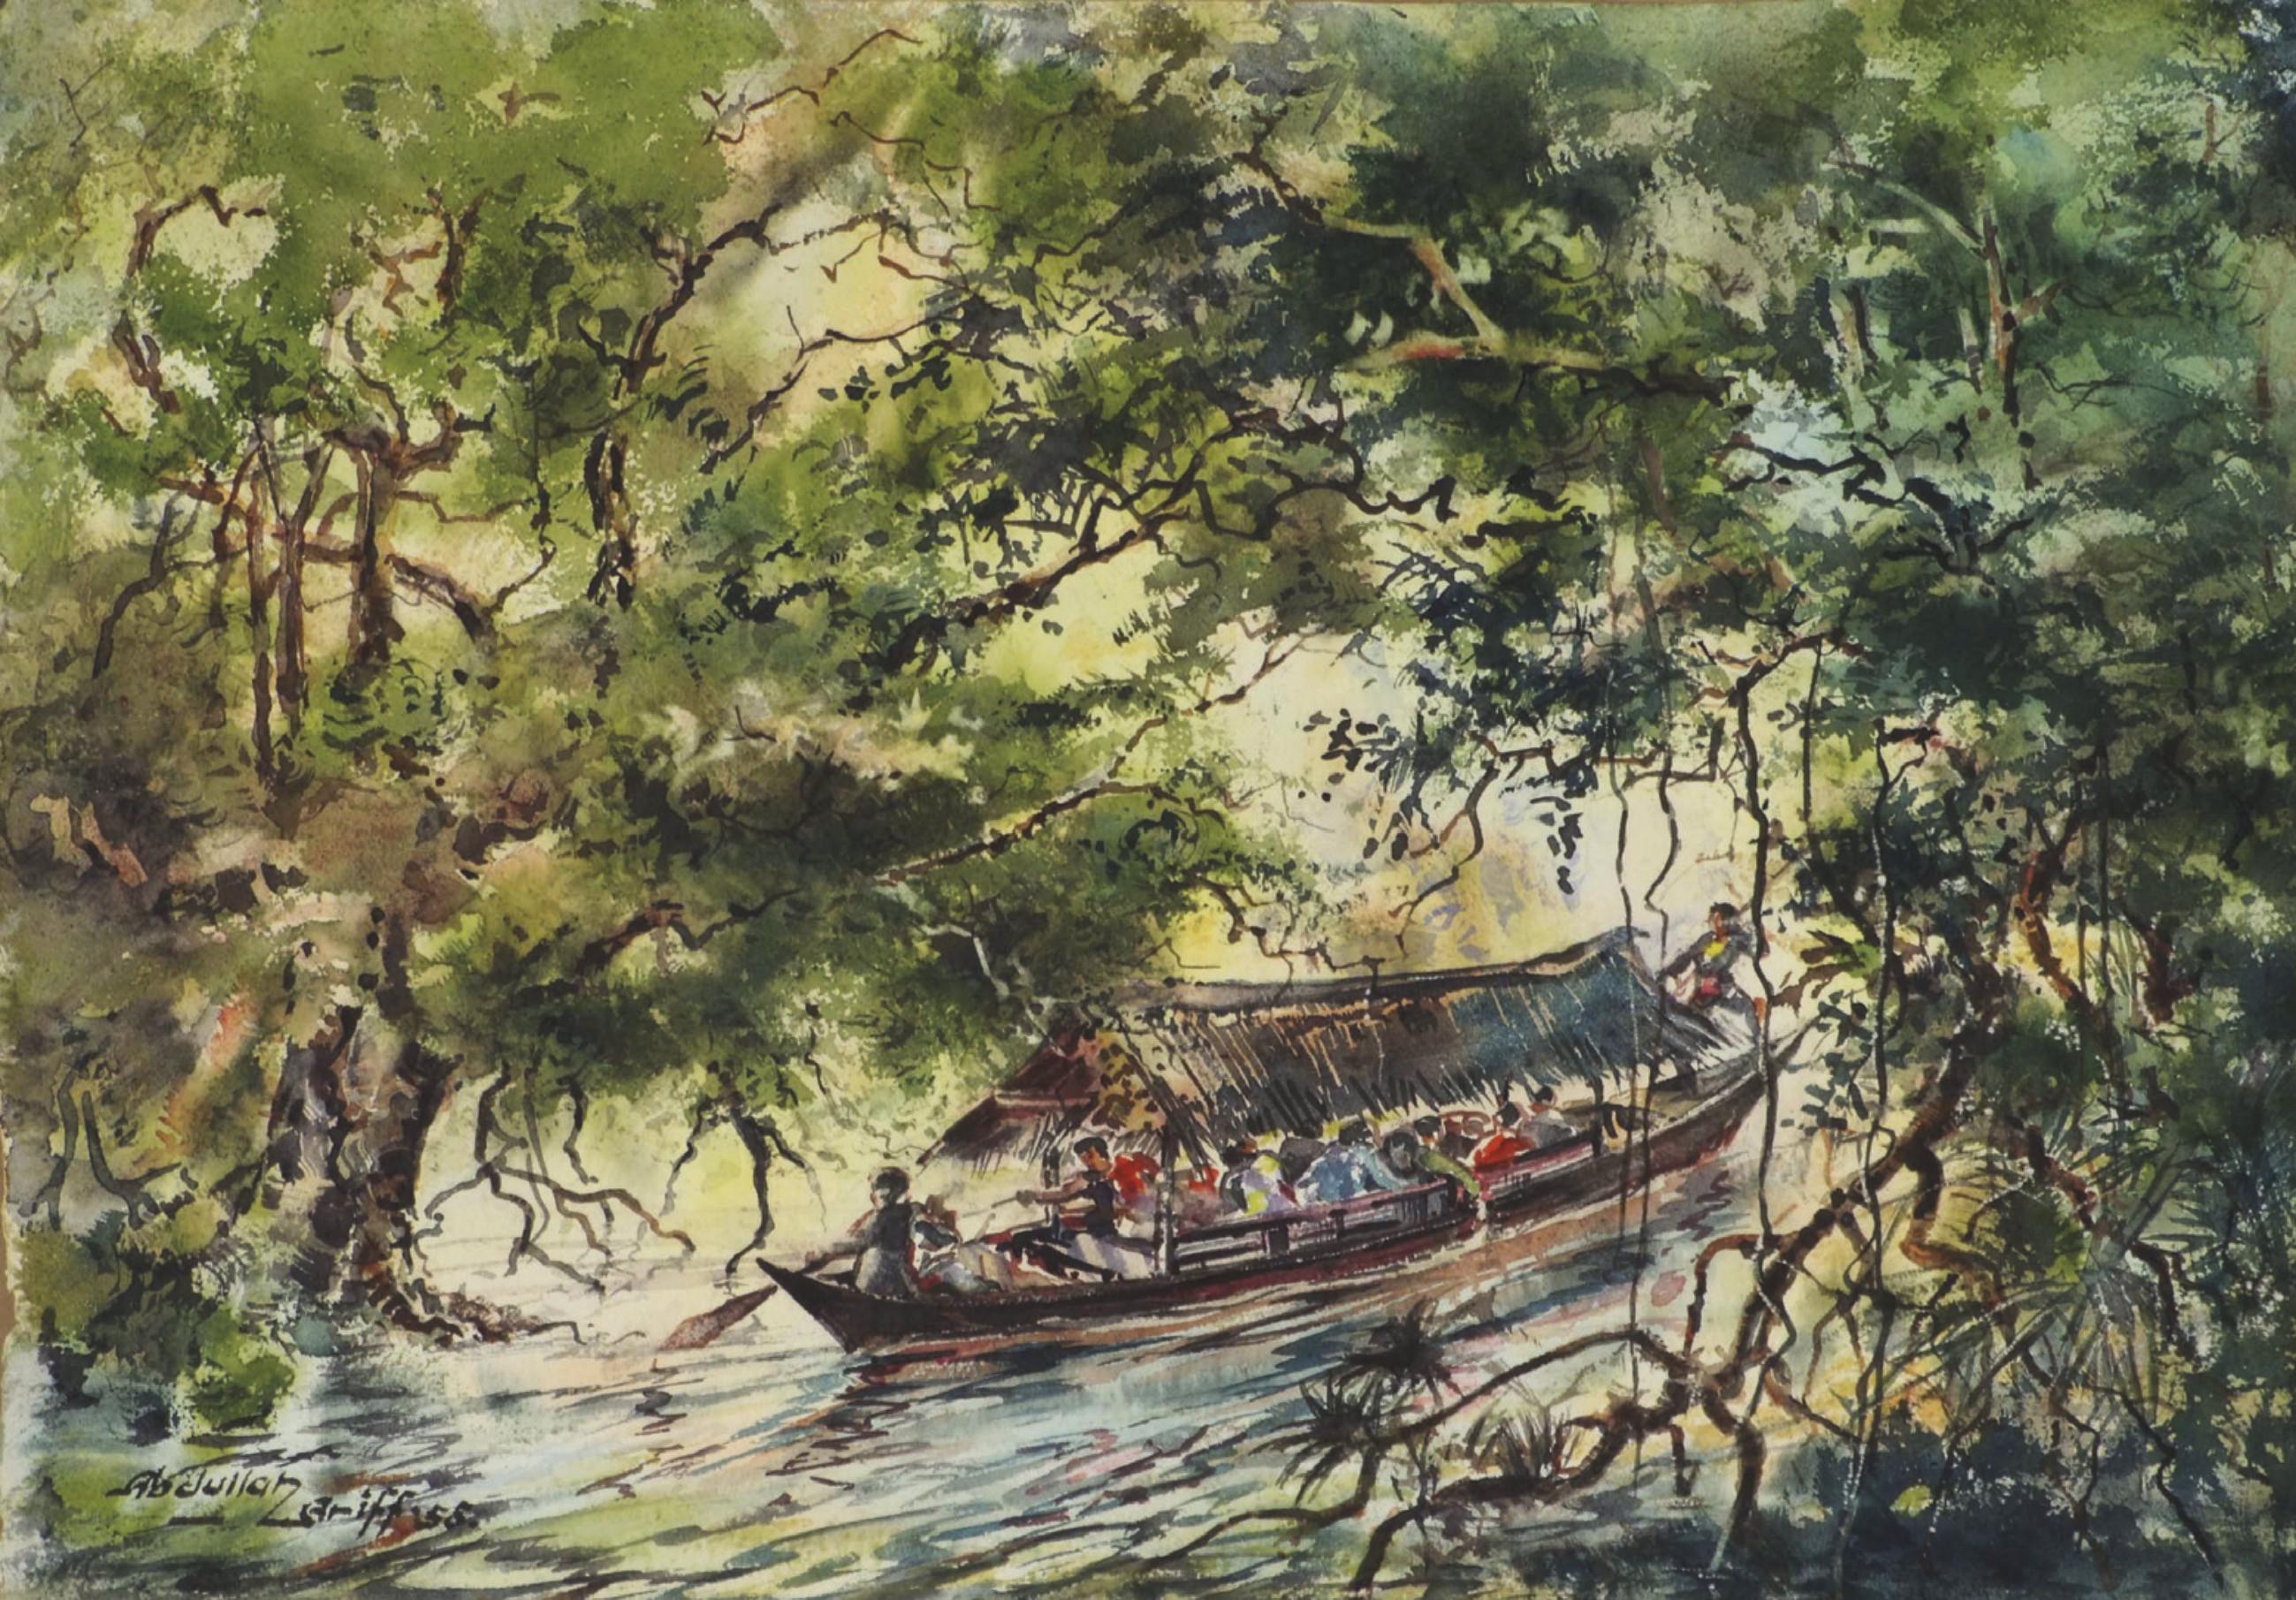 ABDULLAH ARIFF (Malaysia 1904-